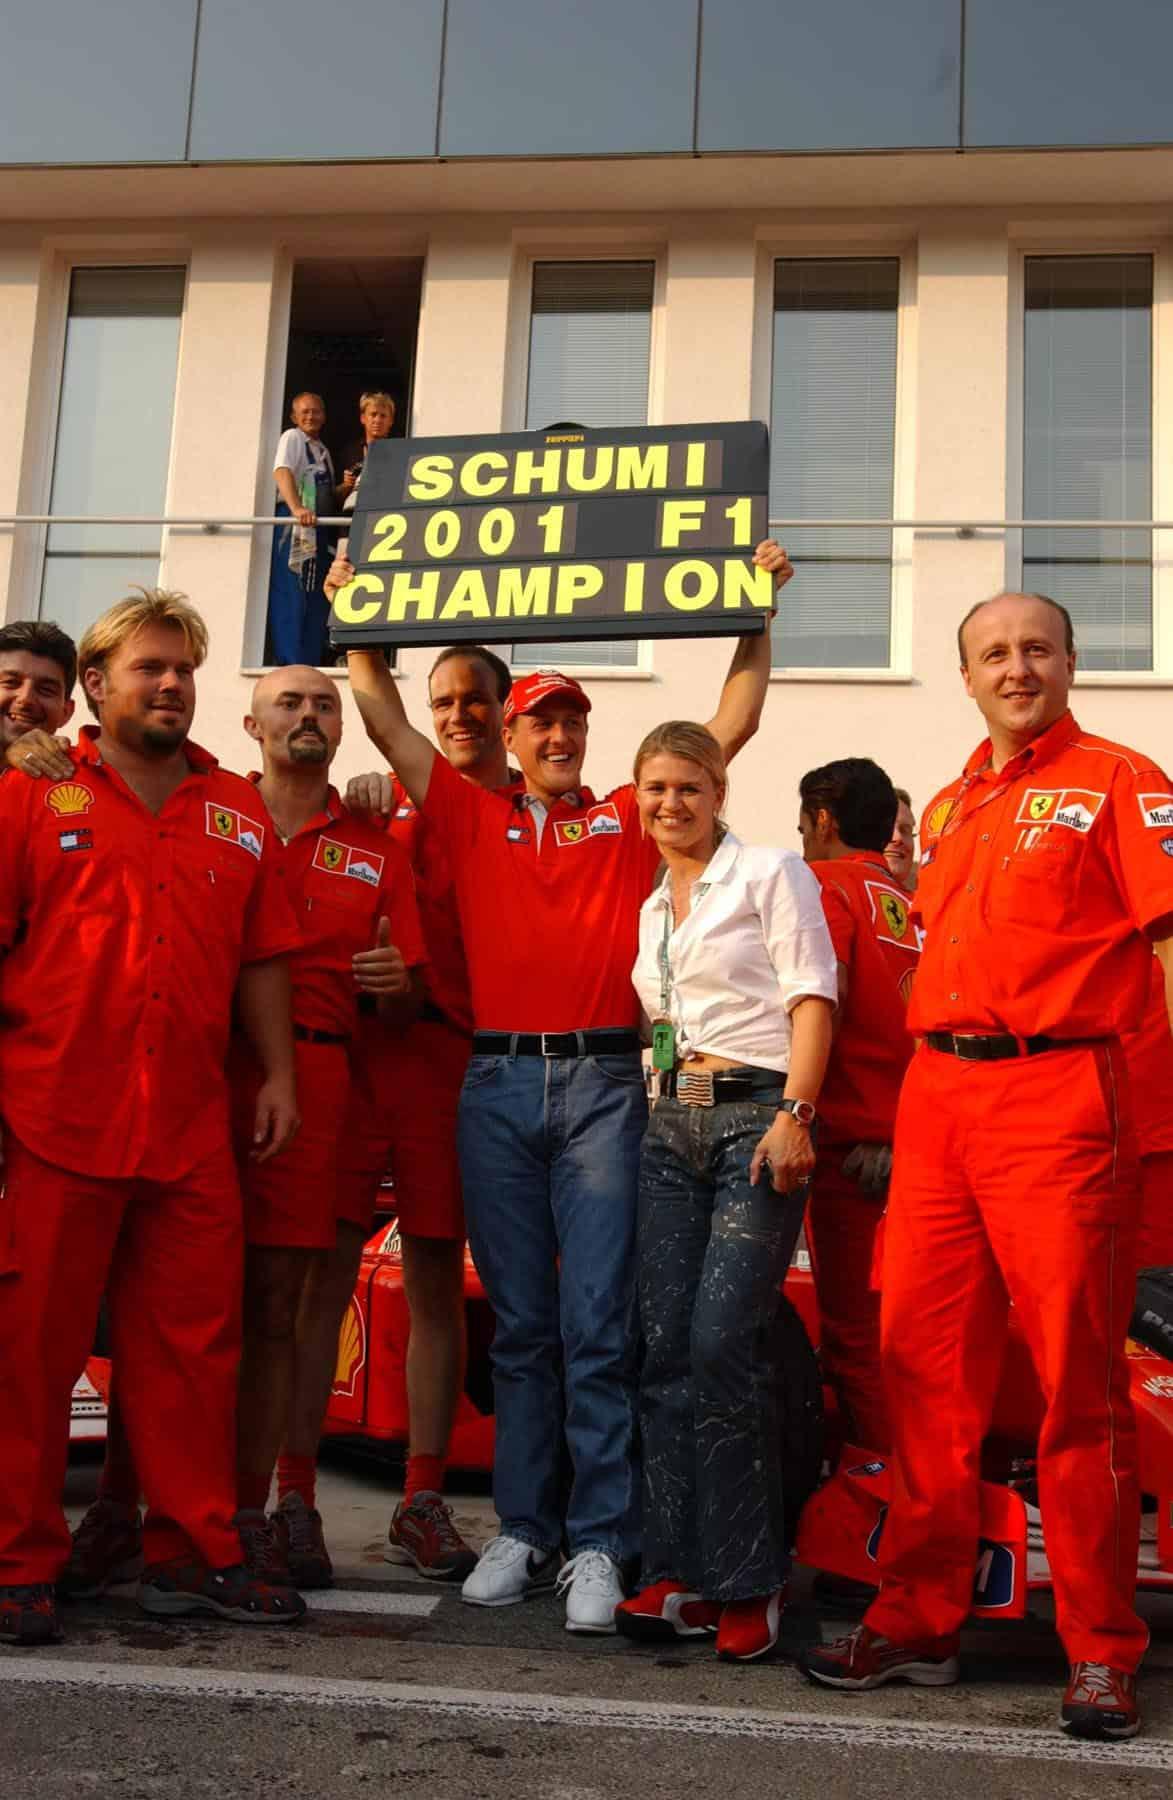 Michael Schumacher Ferrari F2001 fourth title Hungarian GP F1 2001 Photo Ferrari